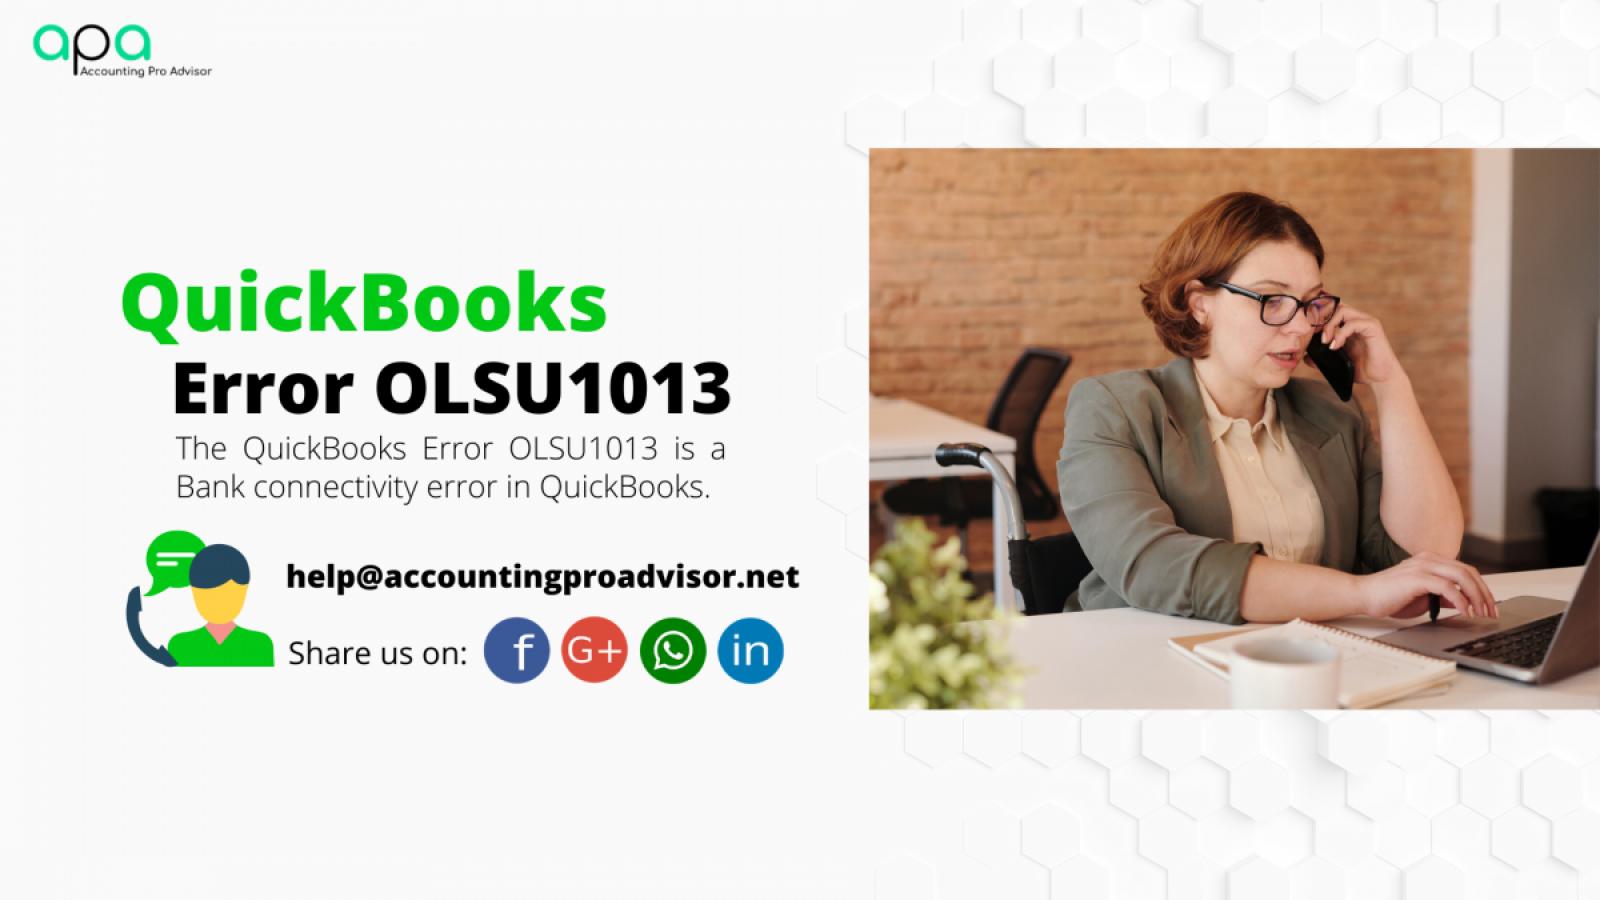 QuickBooks Error OLSU1013